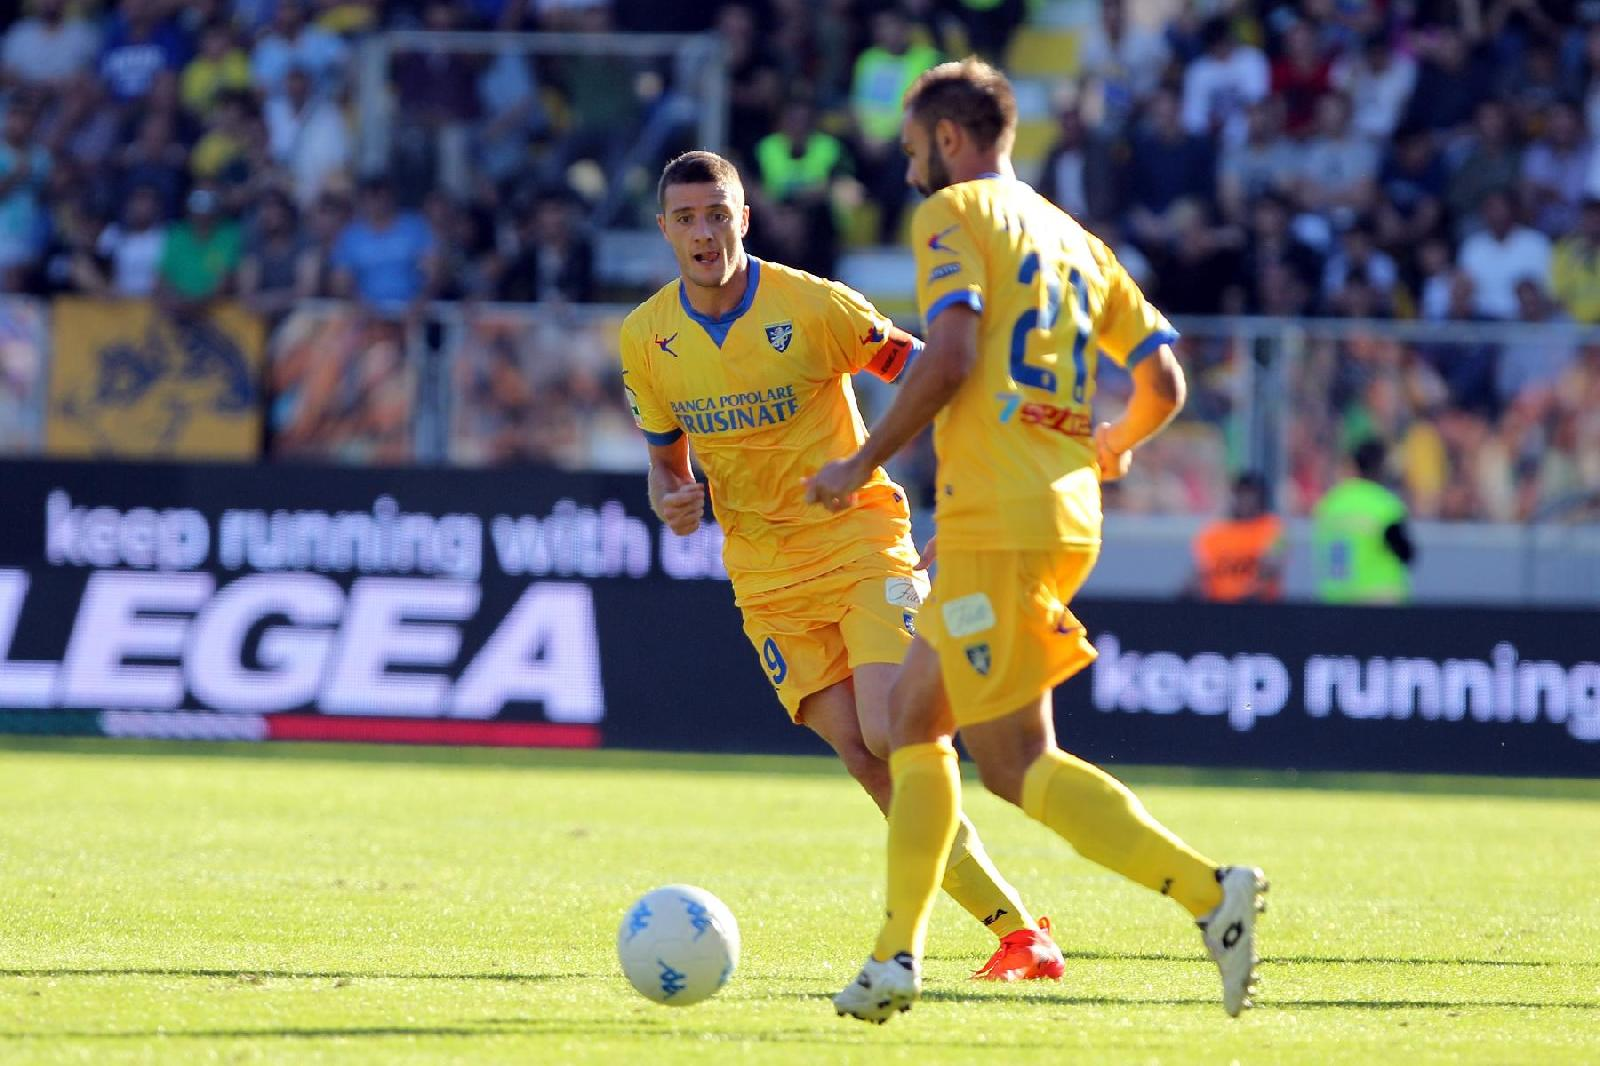 Play off per la Serie A: ecco il quadro completo delle